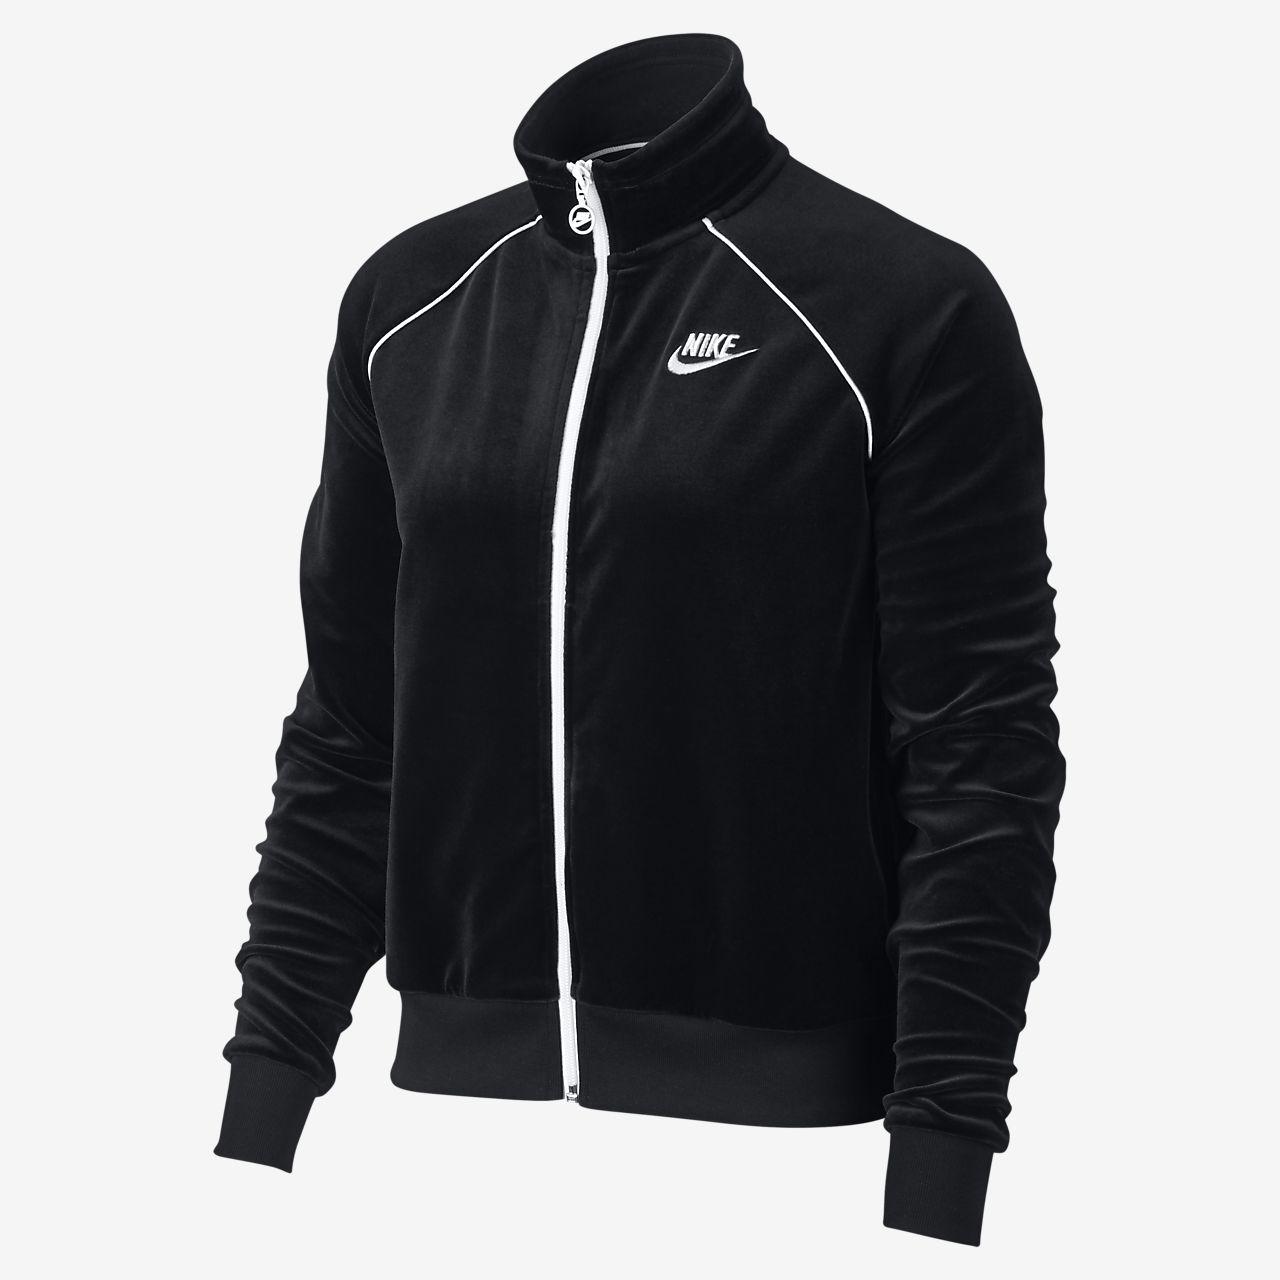 616022211c354 Veste de survêtement en velours Nike Sportswear pour Femme. Nike.com FR